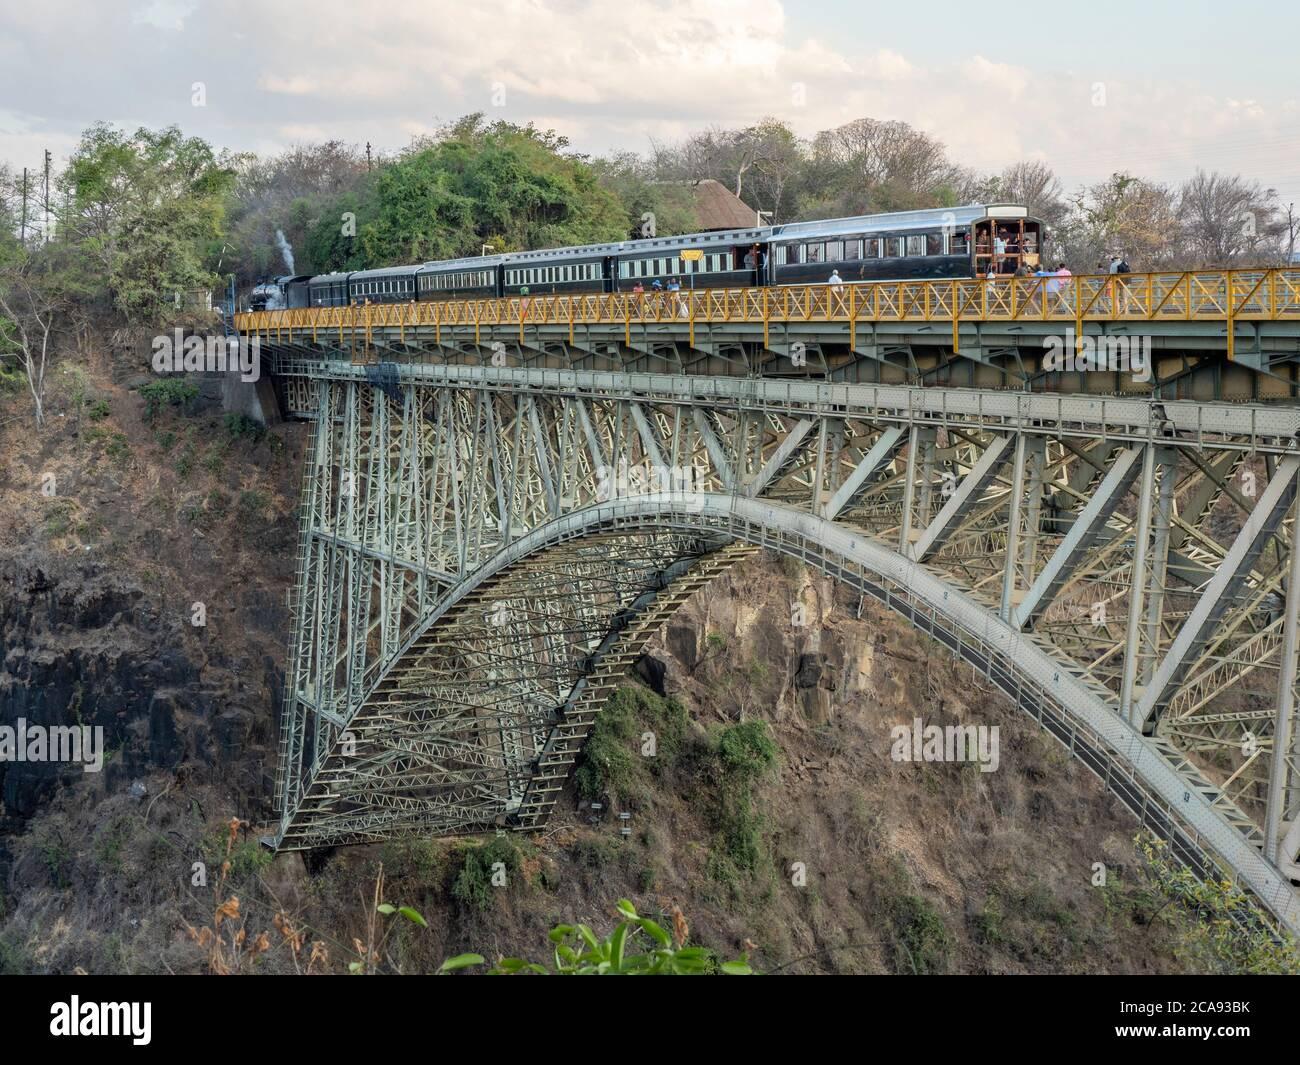 Vue sur le pont au-dessus des chutes Victoria sur le fleuve Zambèze, site classé au patrimoine mondial de l'UNESCO, à cheval sur la frontière de la Zambie et du Zimbabwe, en Afrique Banque D'Images